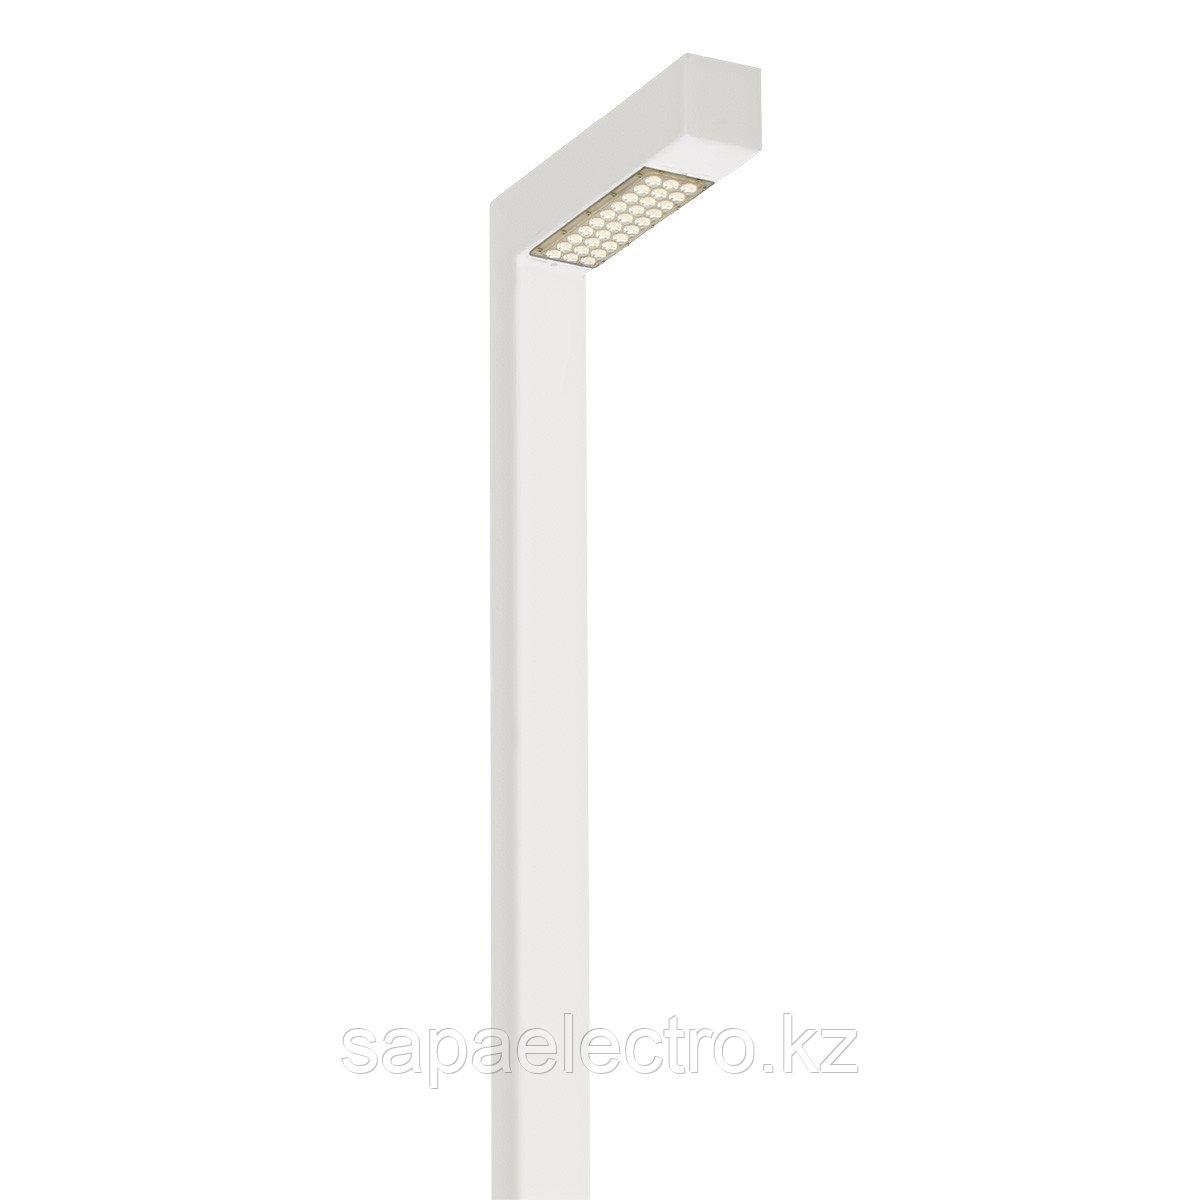 Св-к Профильный LED 30W 80х80 WHITE H-5м MEGALUX 1ш